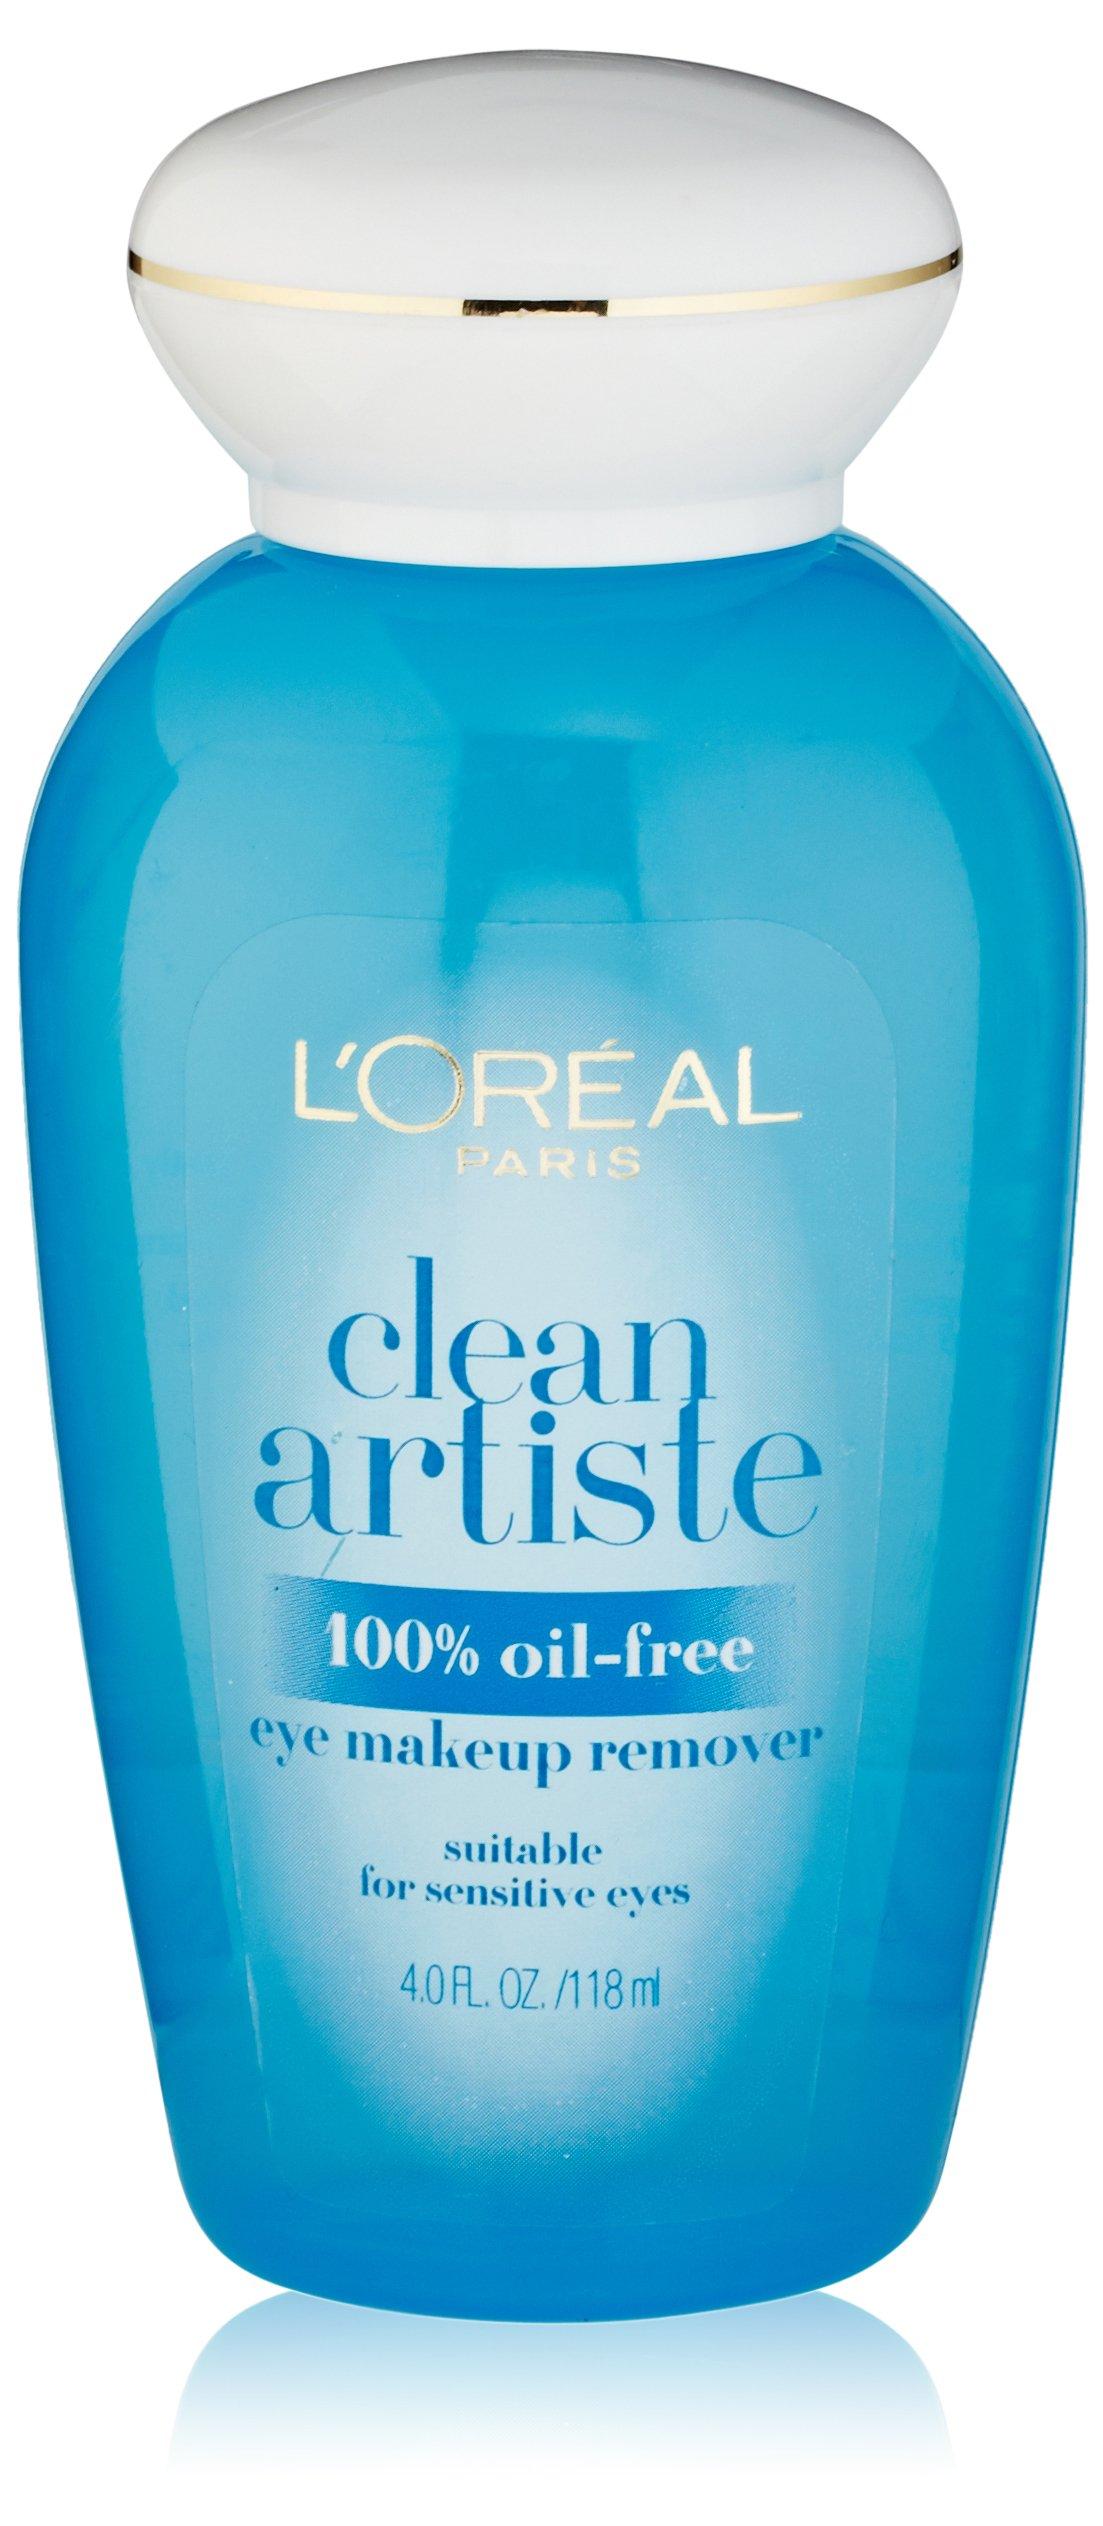 L'Oréal Paris Clean Artiste Oil Free Eye Makeup Remover, 4 fl. oz.